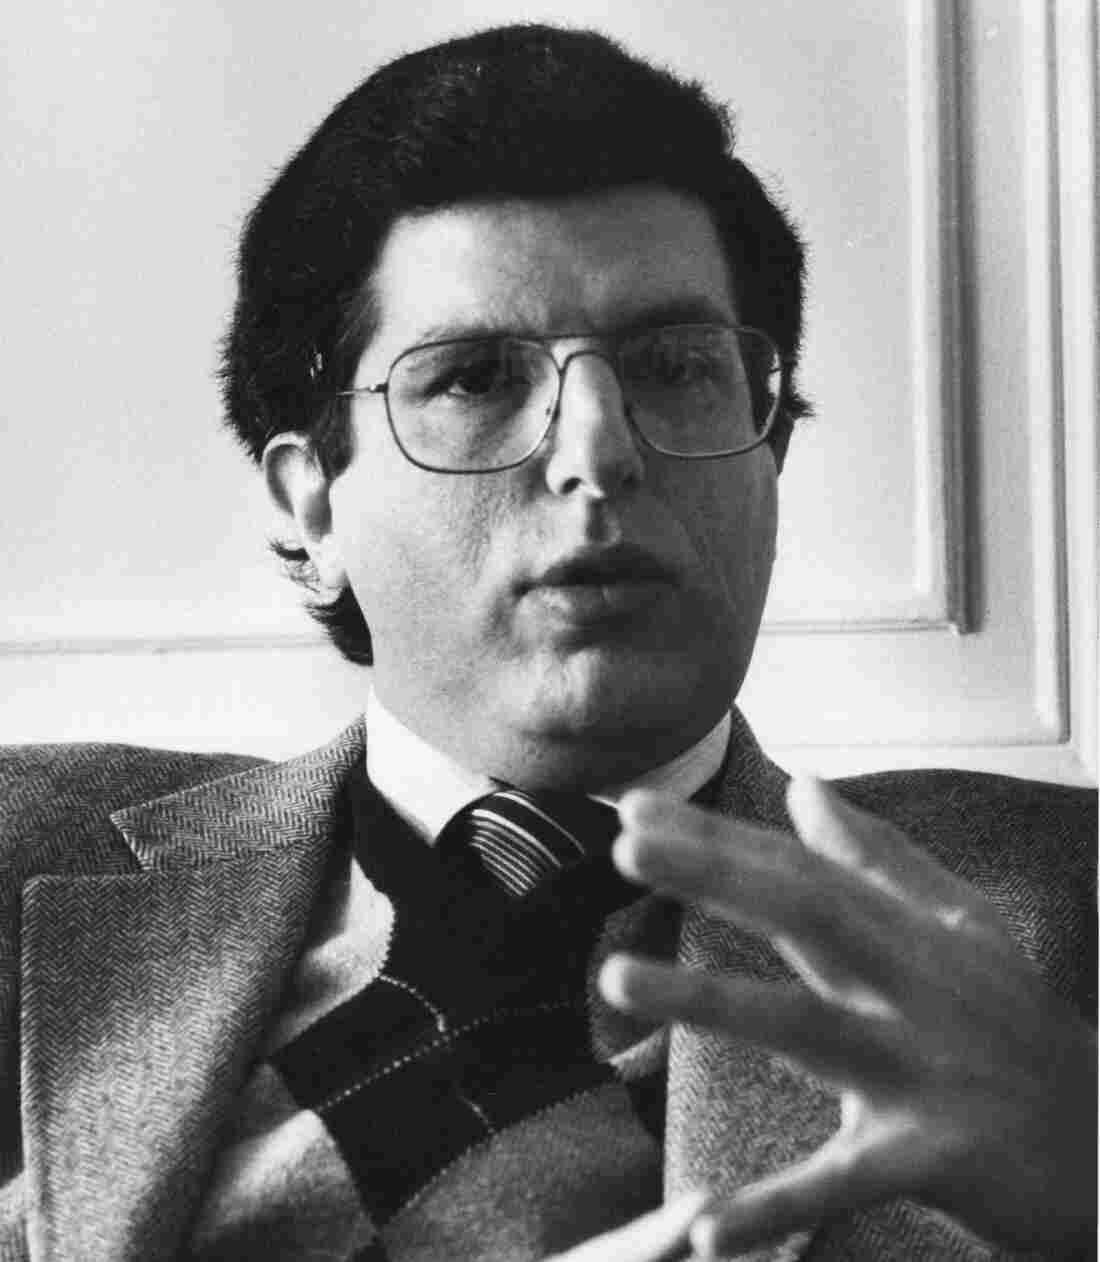 Marvin Hamlisch in 1979.